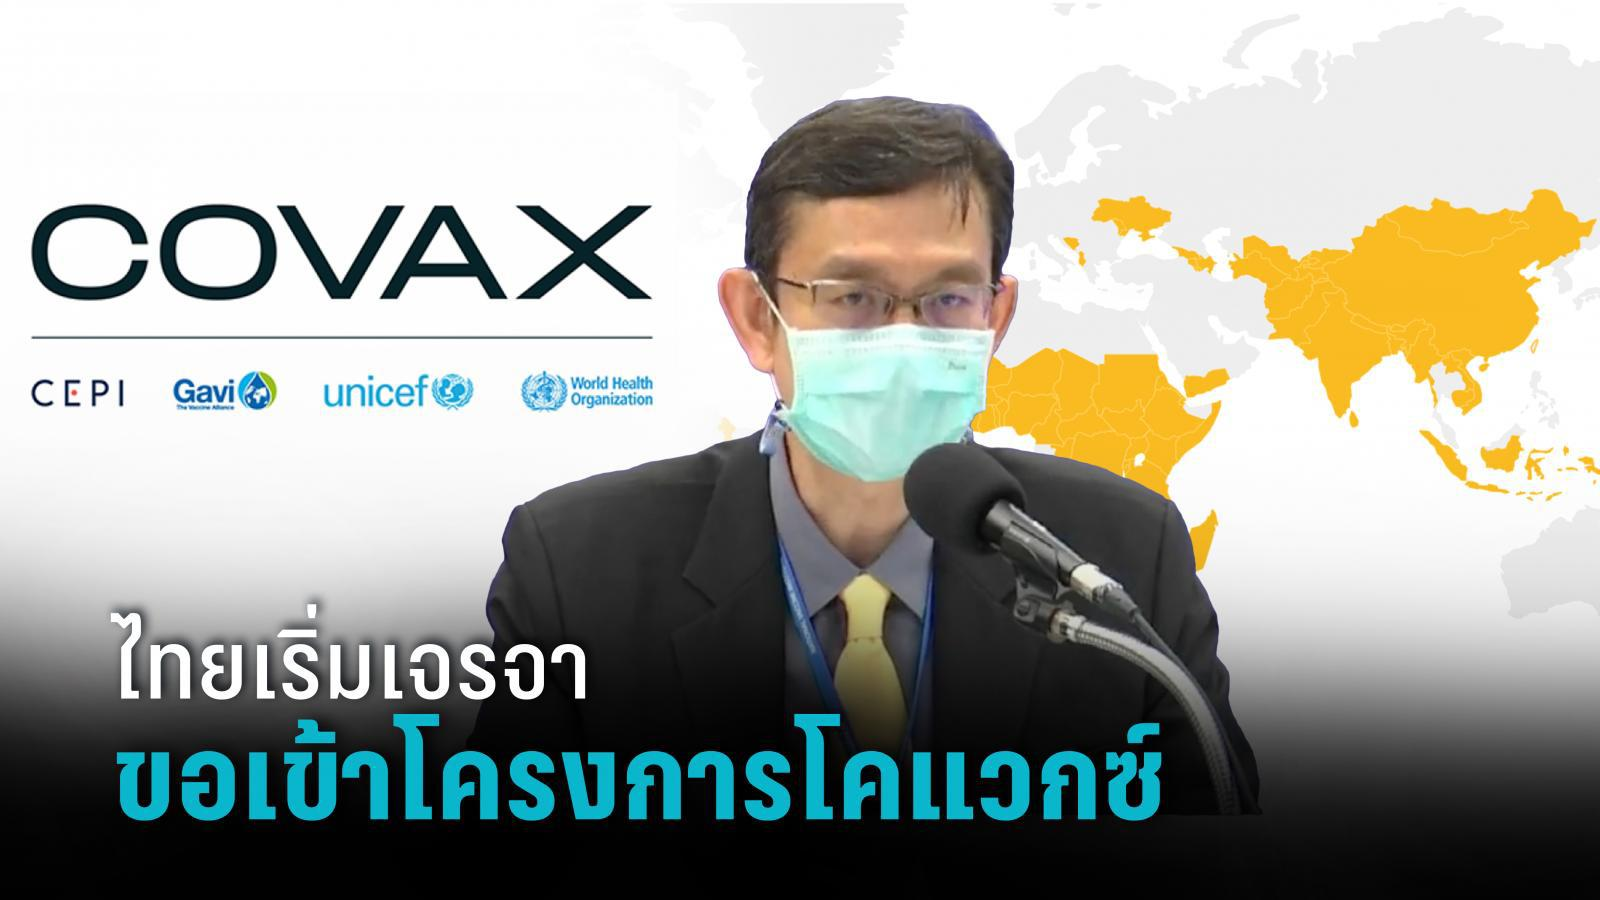 Таиланд вынужден присоединиться к раздаче благотворительных вакцин COVAX